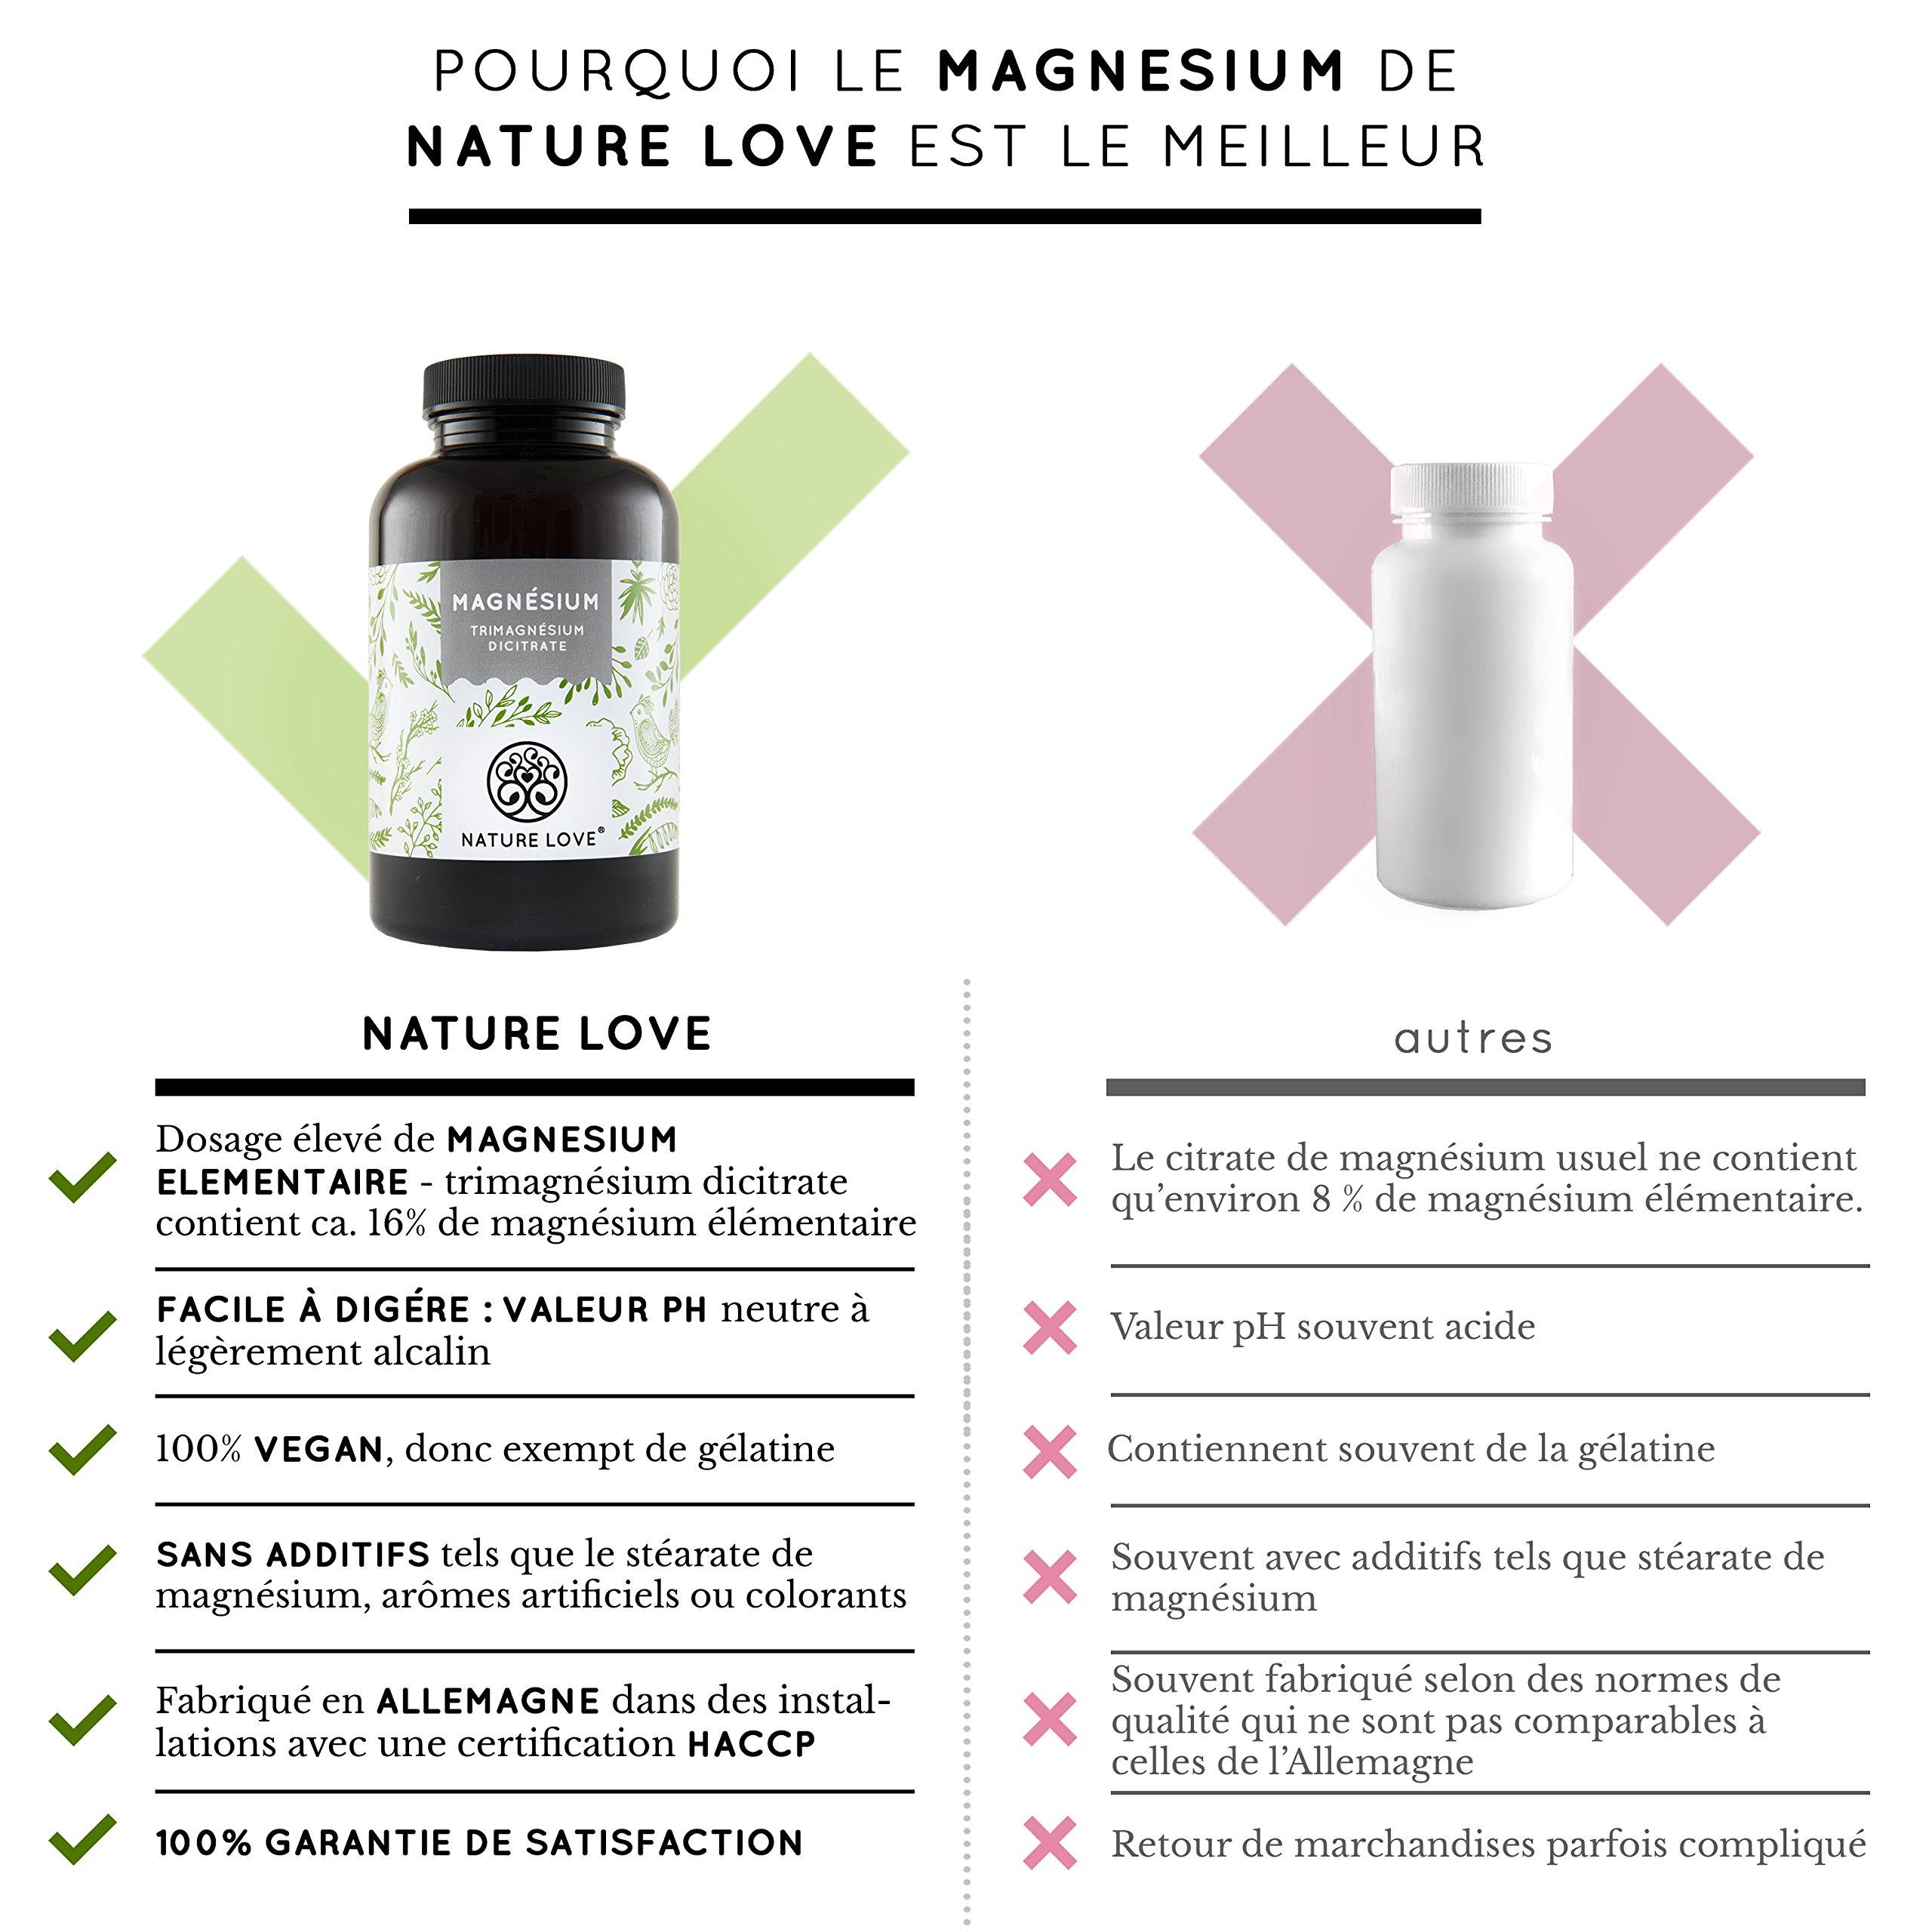 Magnesio - 2250 mg citrato de magnesio, de ello 360 mg magnesio elemental por dosis diaria. 180 cápsulas. Controlado en el laboratorio y sin estearato de magnesio. Altamente concentrado, vegano, elaborado en Alemania